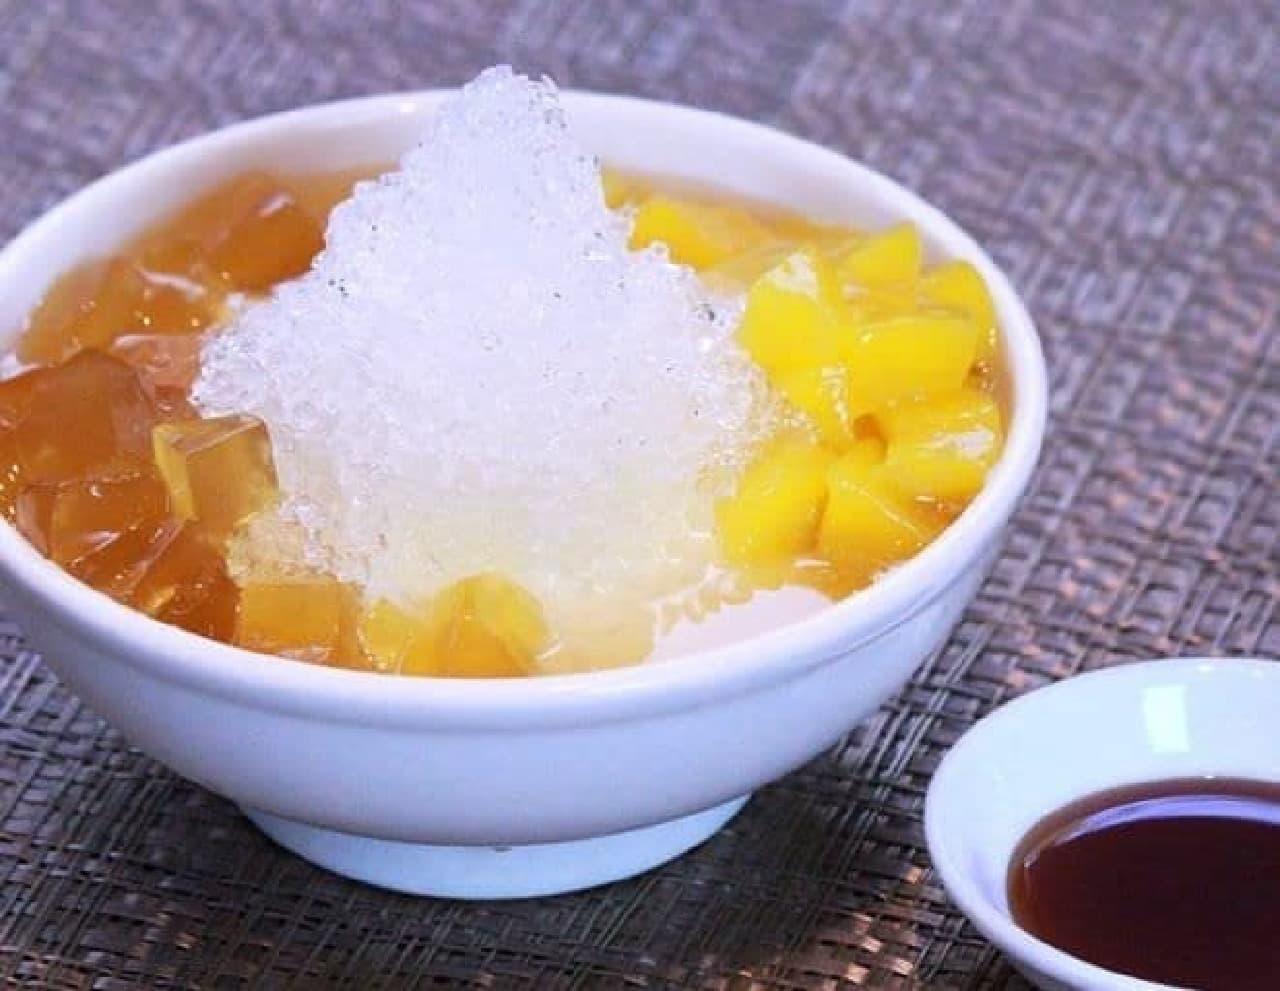 「愛玉(アイユイ)マンゴーかき氷豆花(トウファ)」は台湾の夏の風物詩でもある冷たいスイーツ